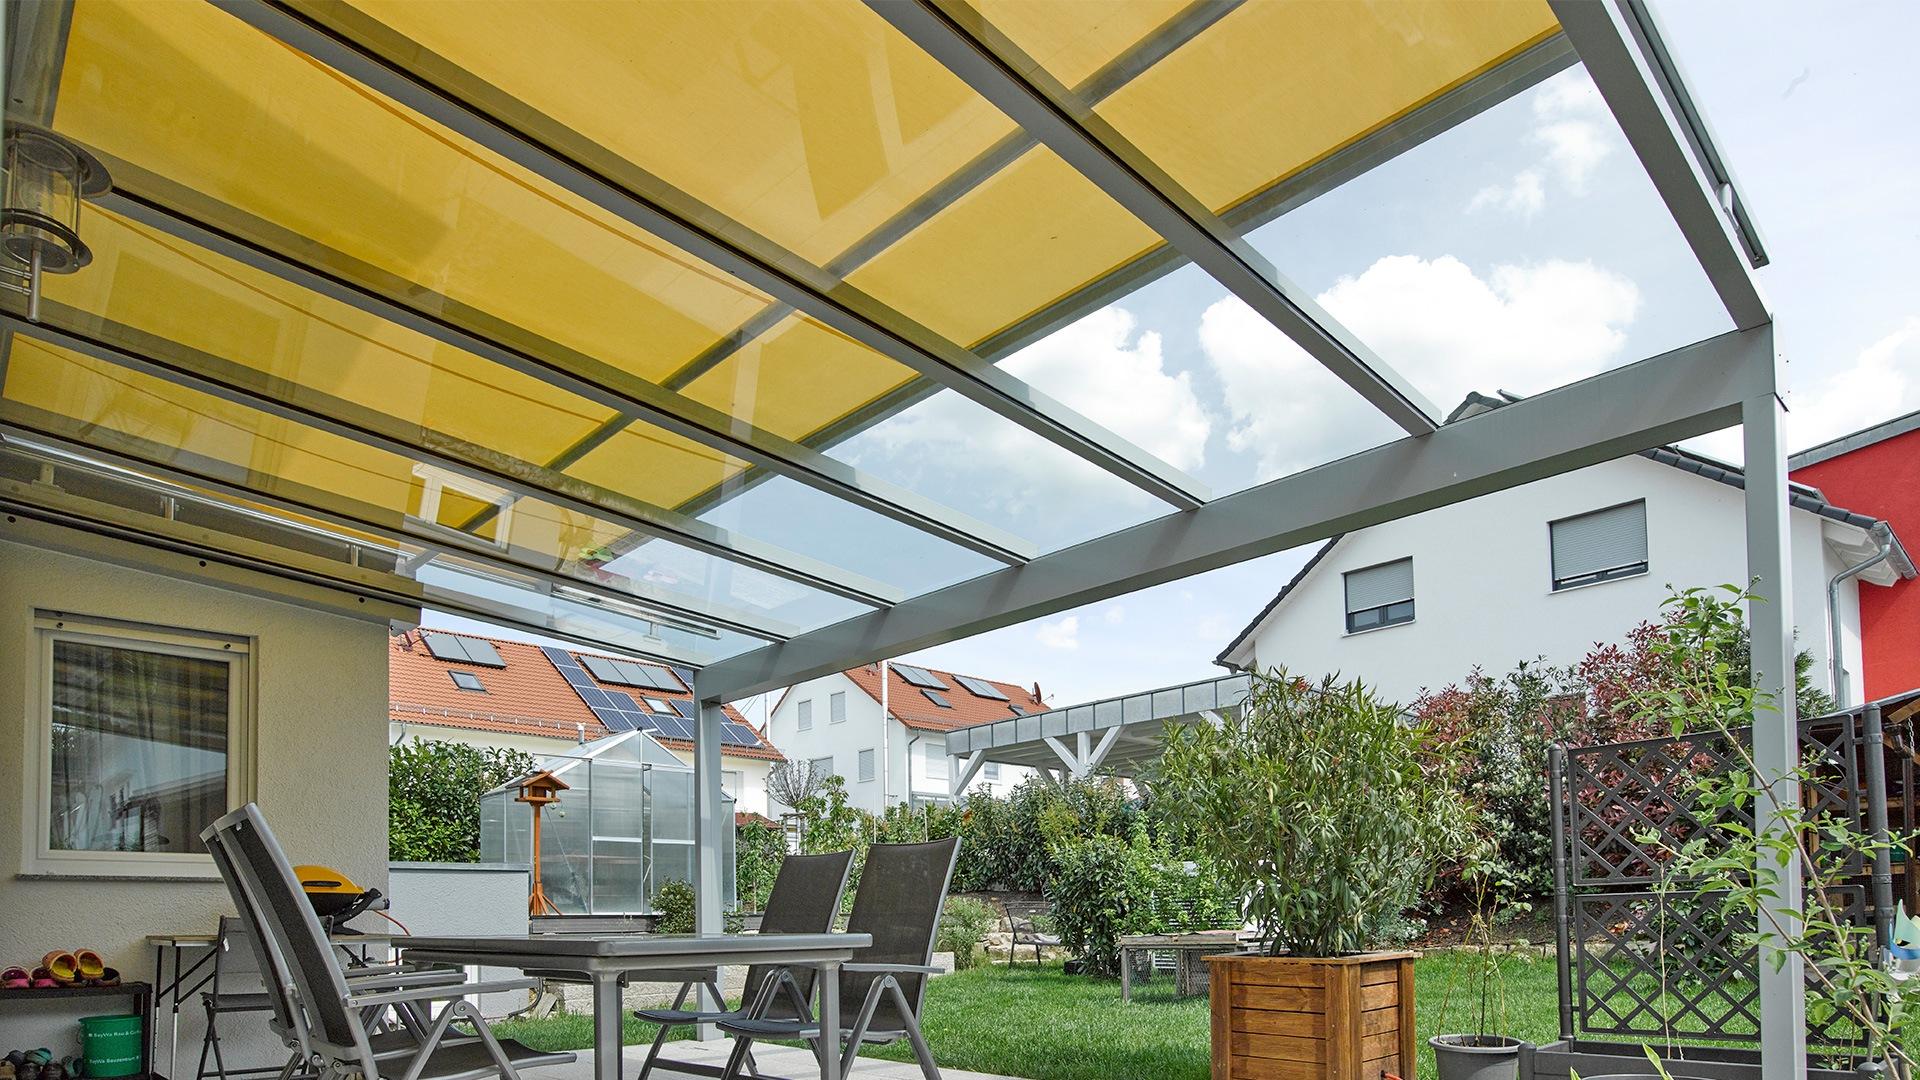 zanker jardino 11 - Sonnenschutz für Balkon und Terrasse